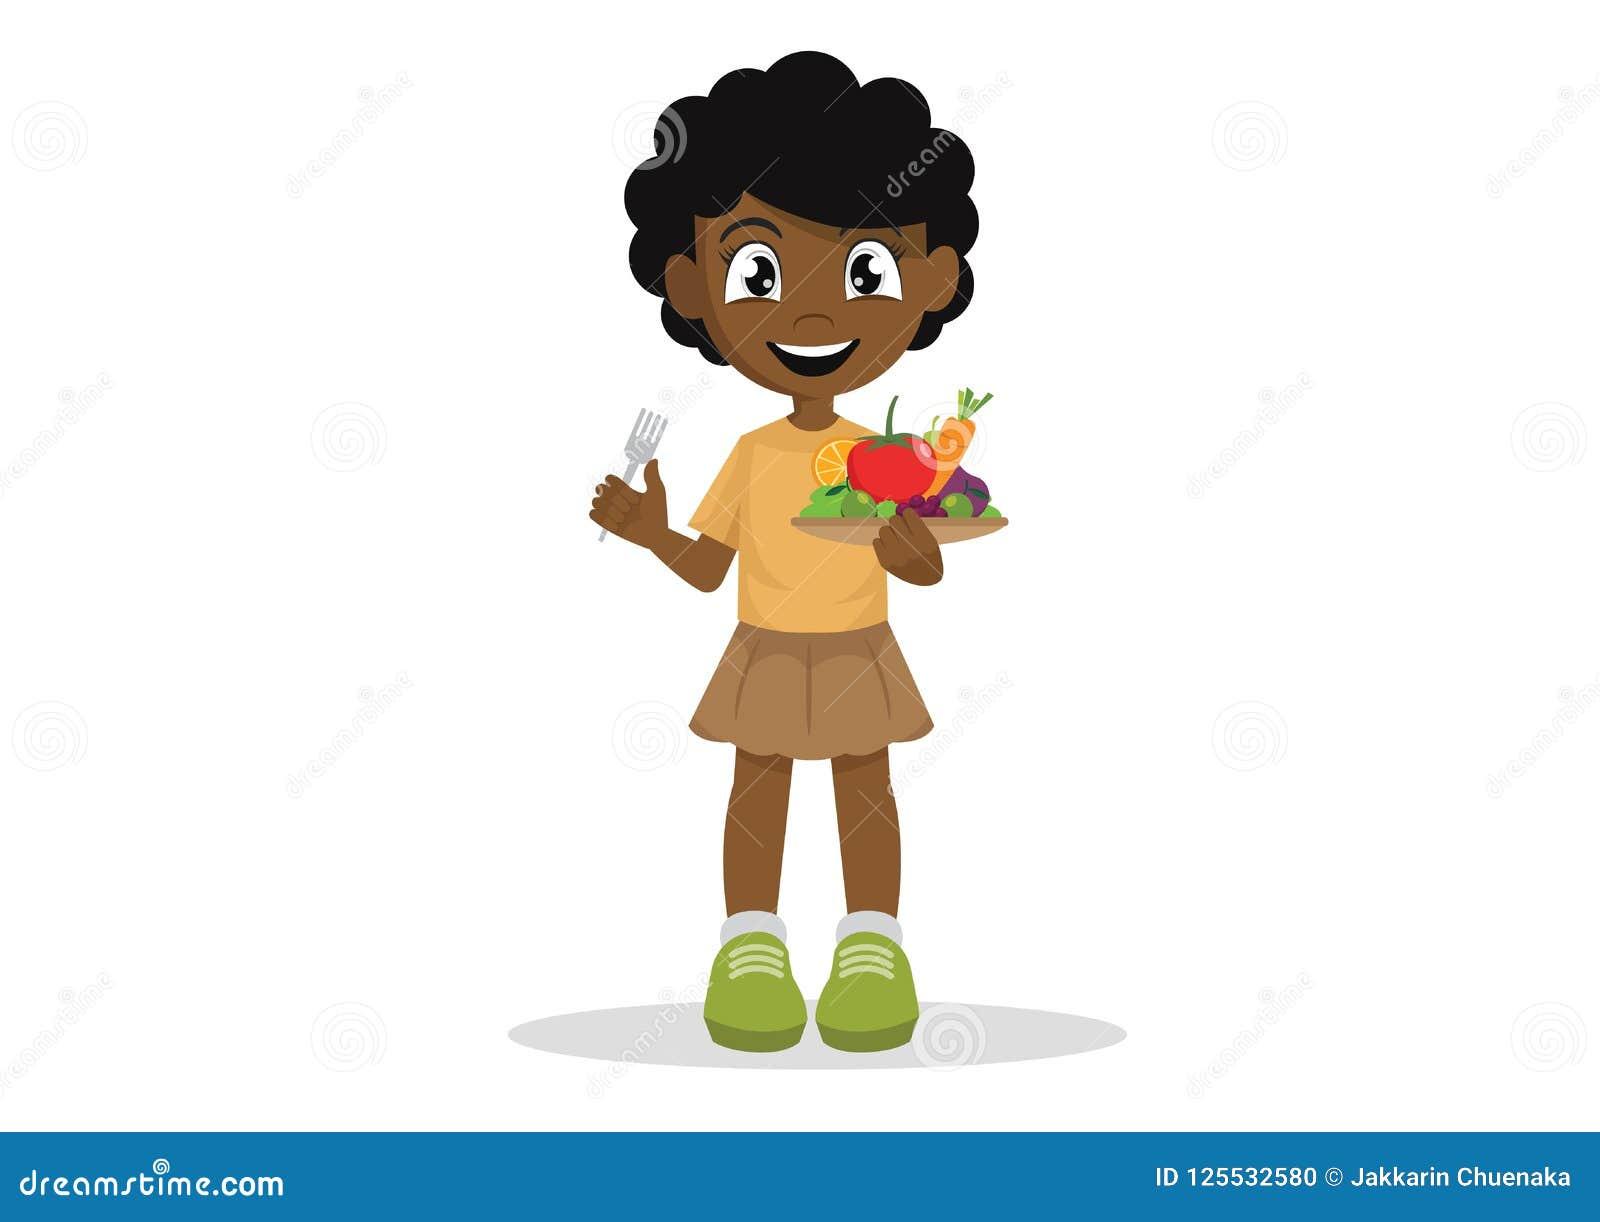 Τα αφρικανικά κορίτσια επιθυμούν να φάνε τα λαχανικά και τα φρούτα